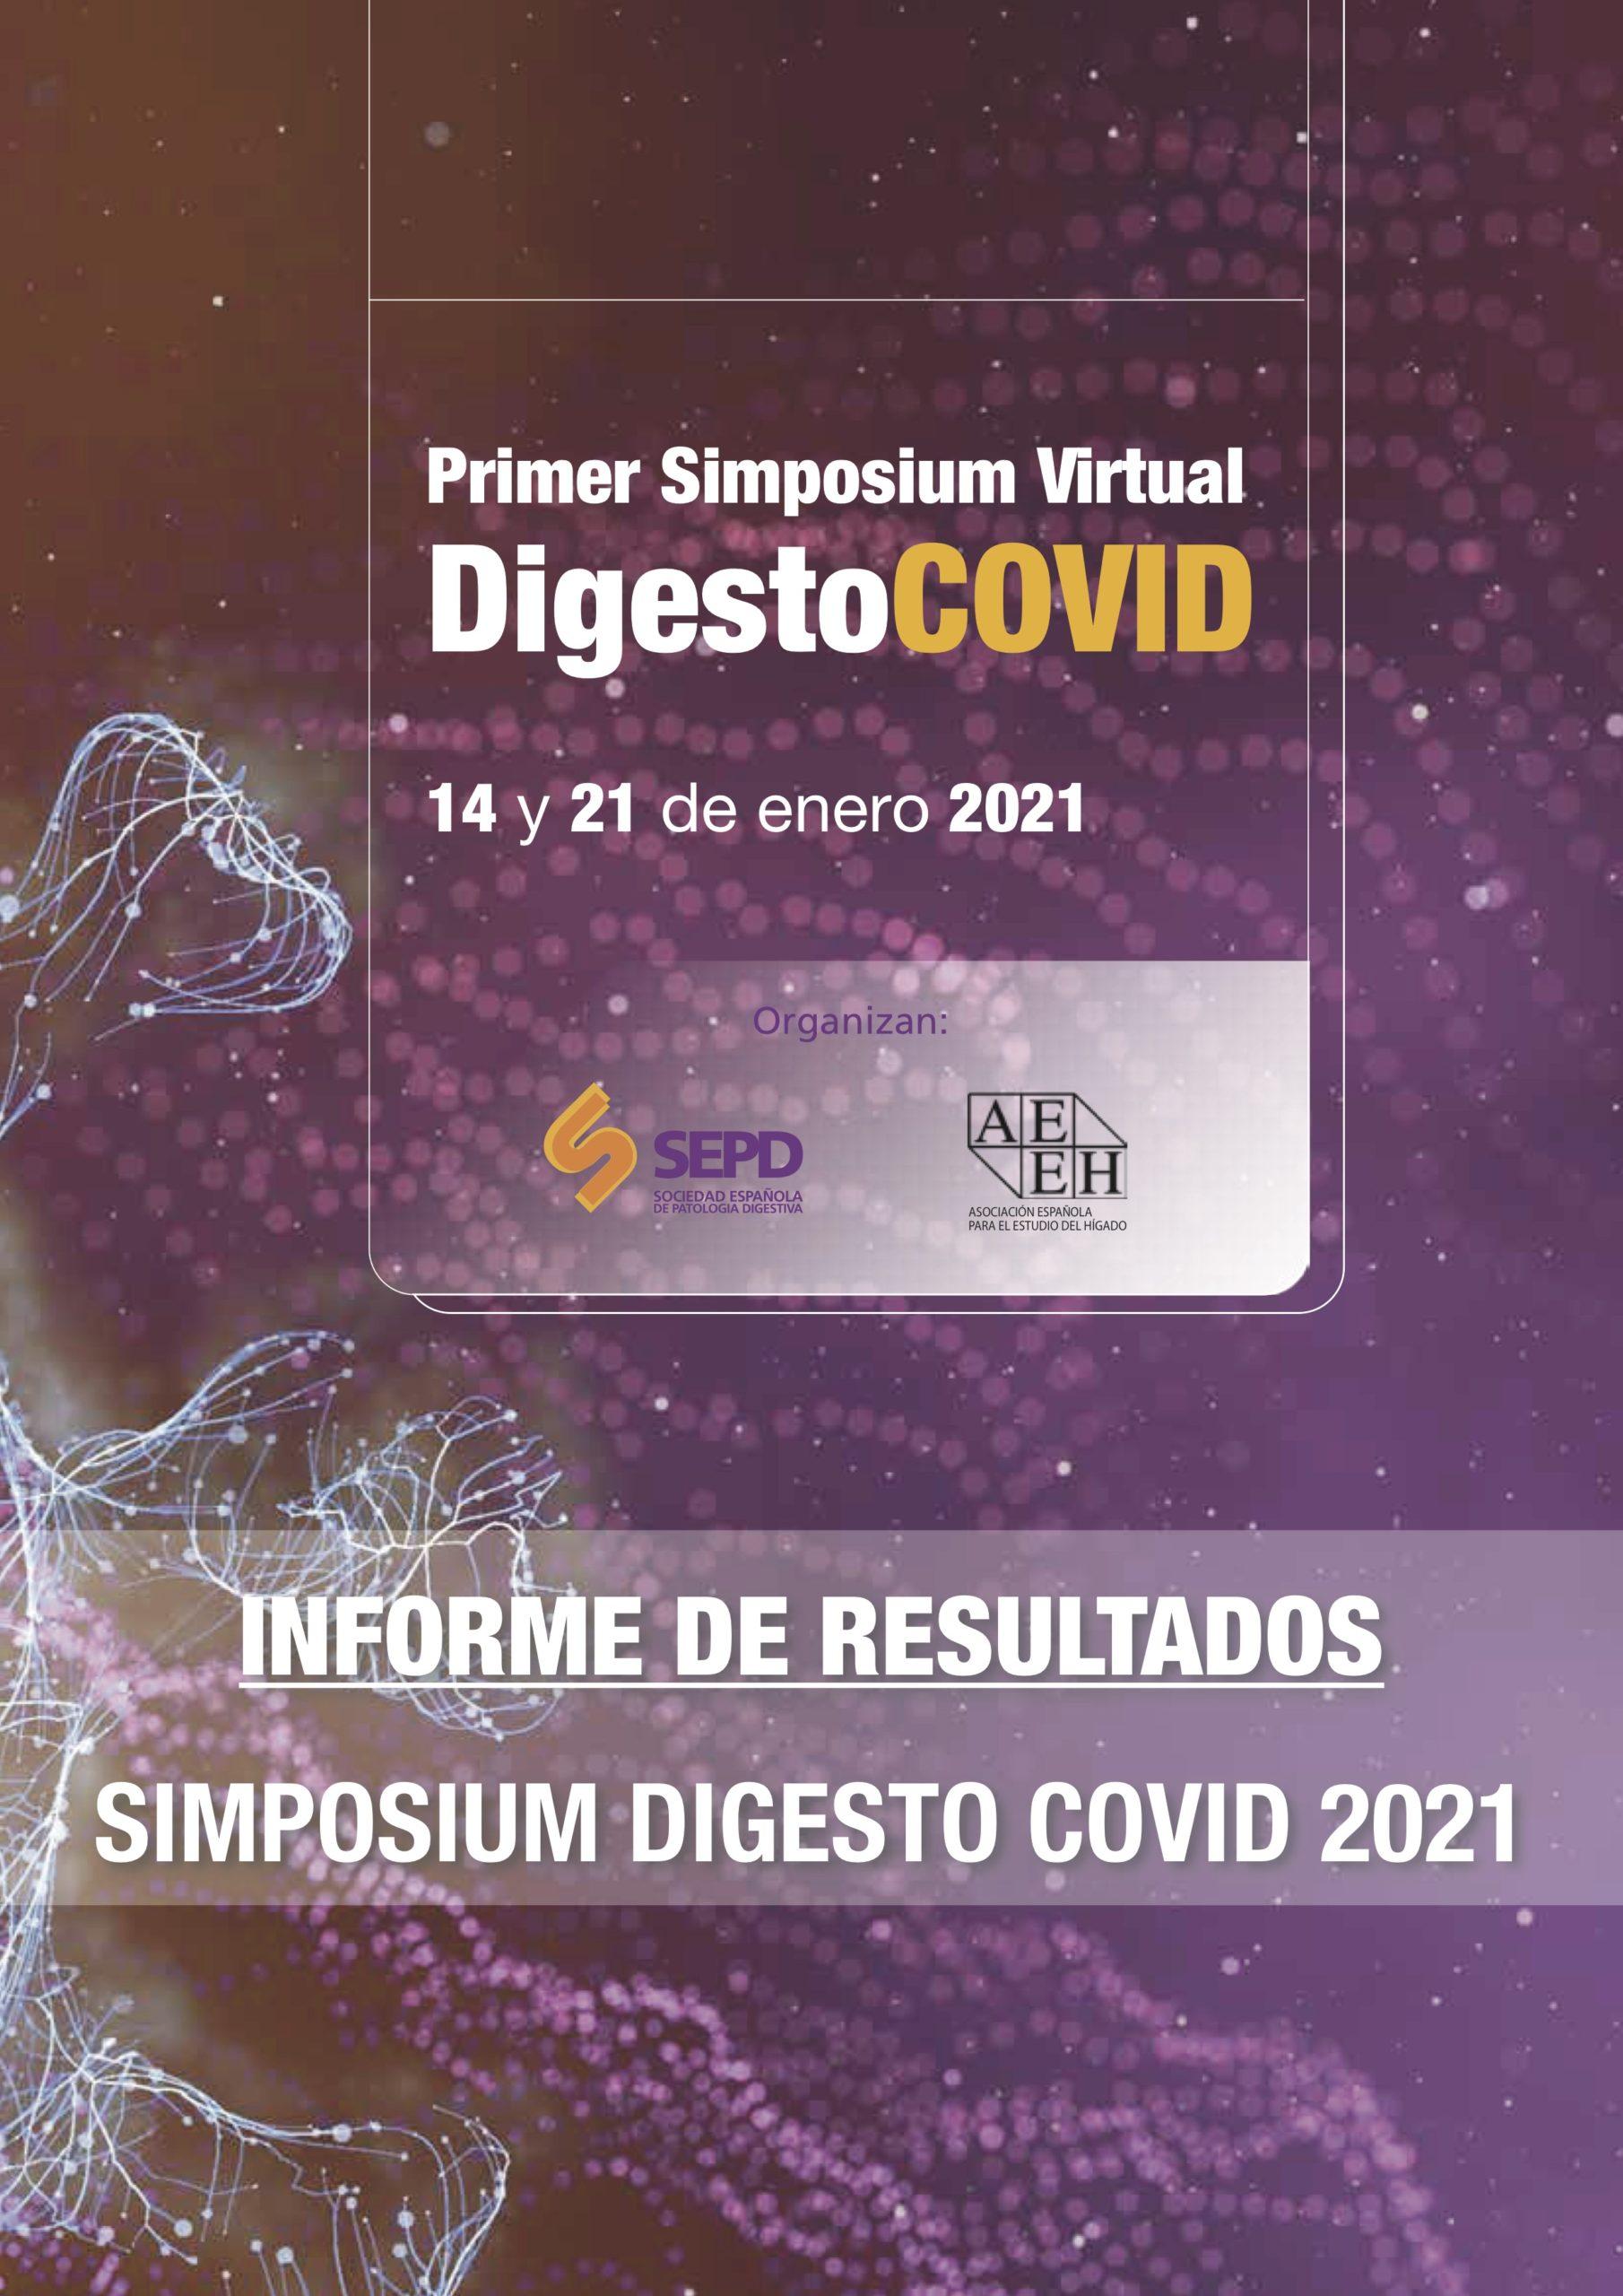 """Informe de resultados """"Simposium DigestoCOVID 2021"""""""